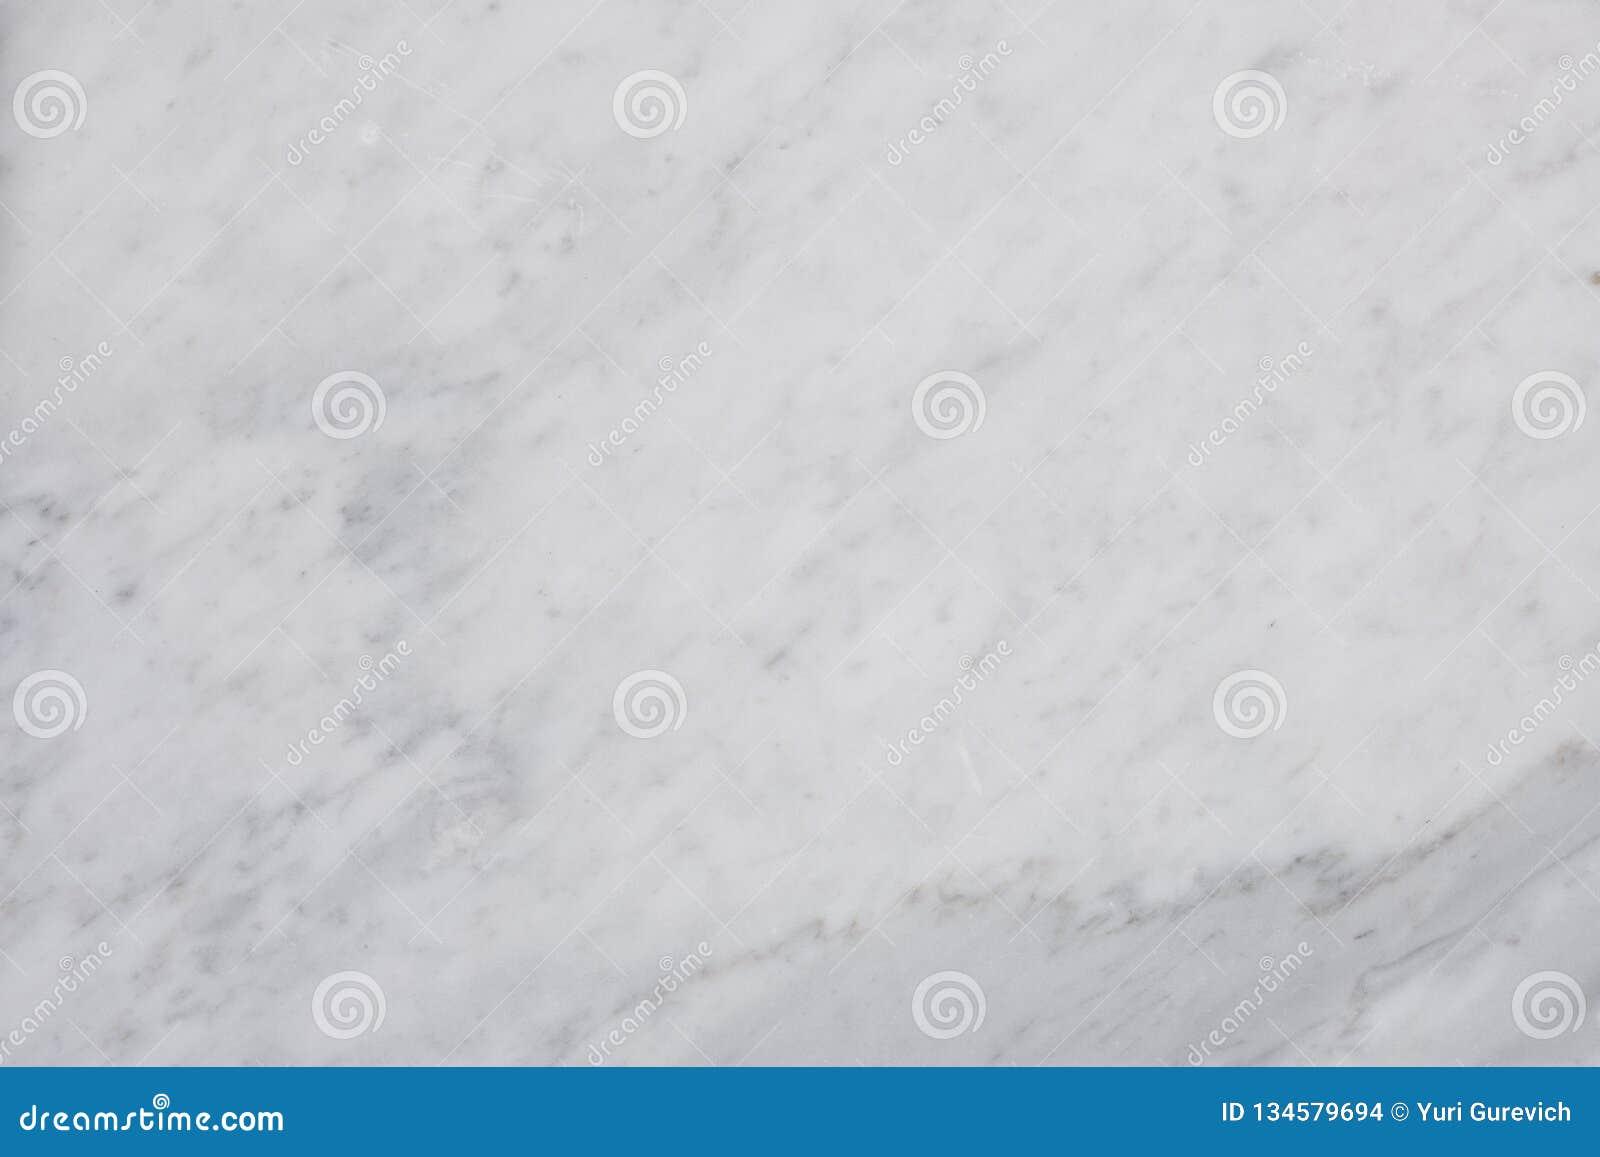 Белая мраморная текстура для предпосылки обоев плитки кожи роскошной